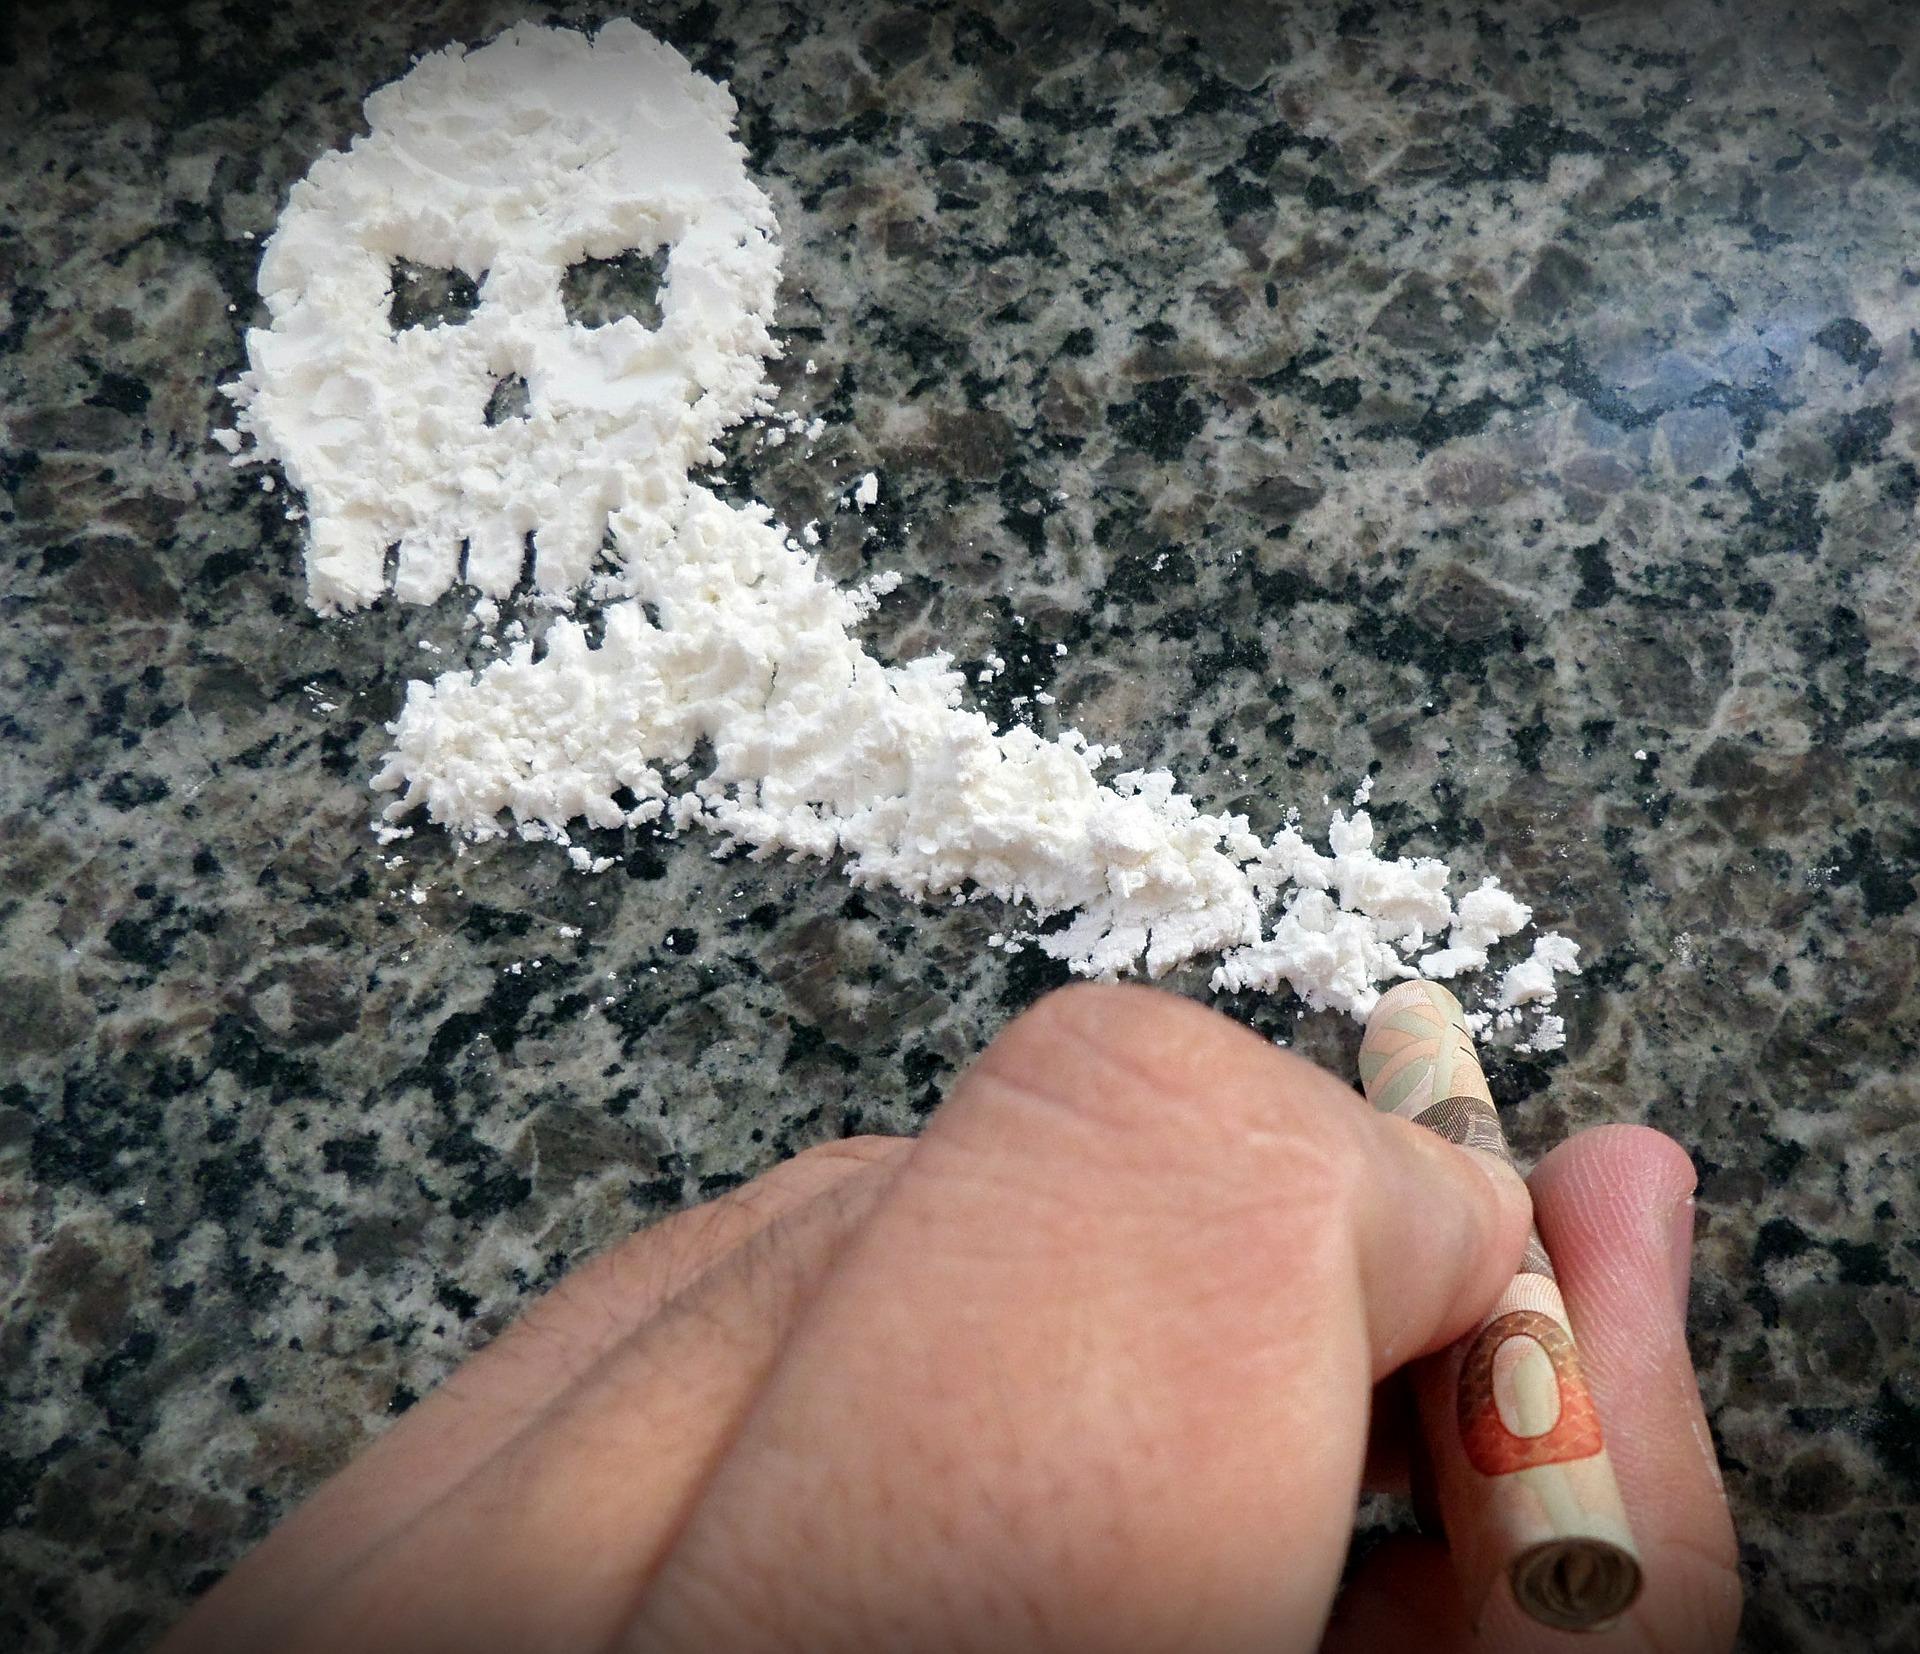 ペルー, 麻薬, コカイン, 中毒, 少年, 少女, 子ども